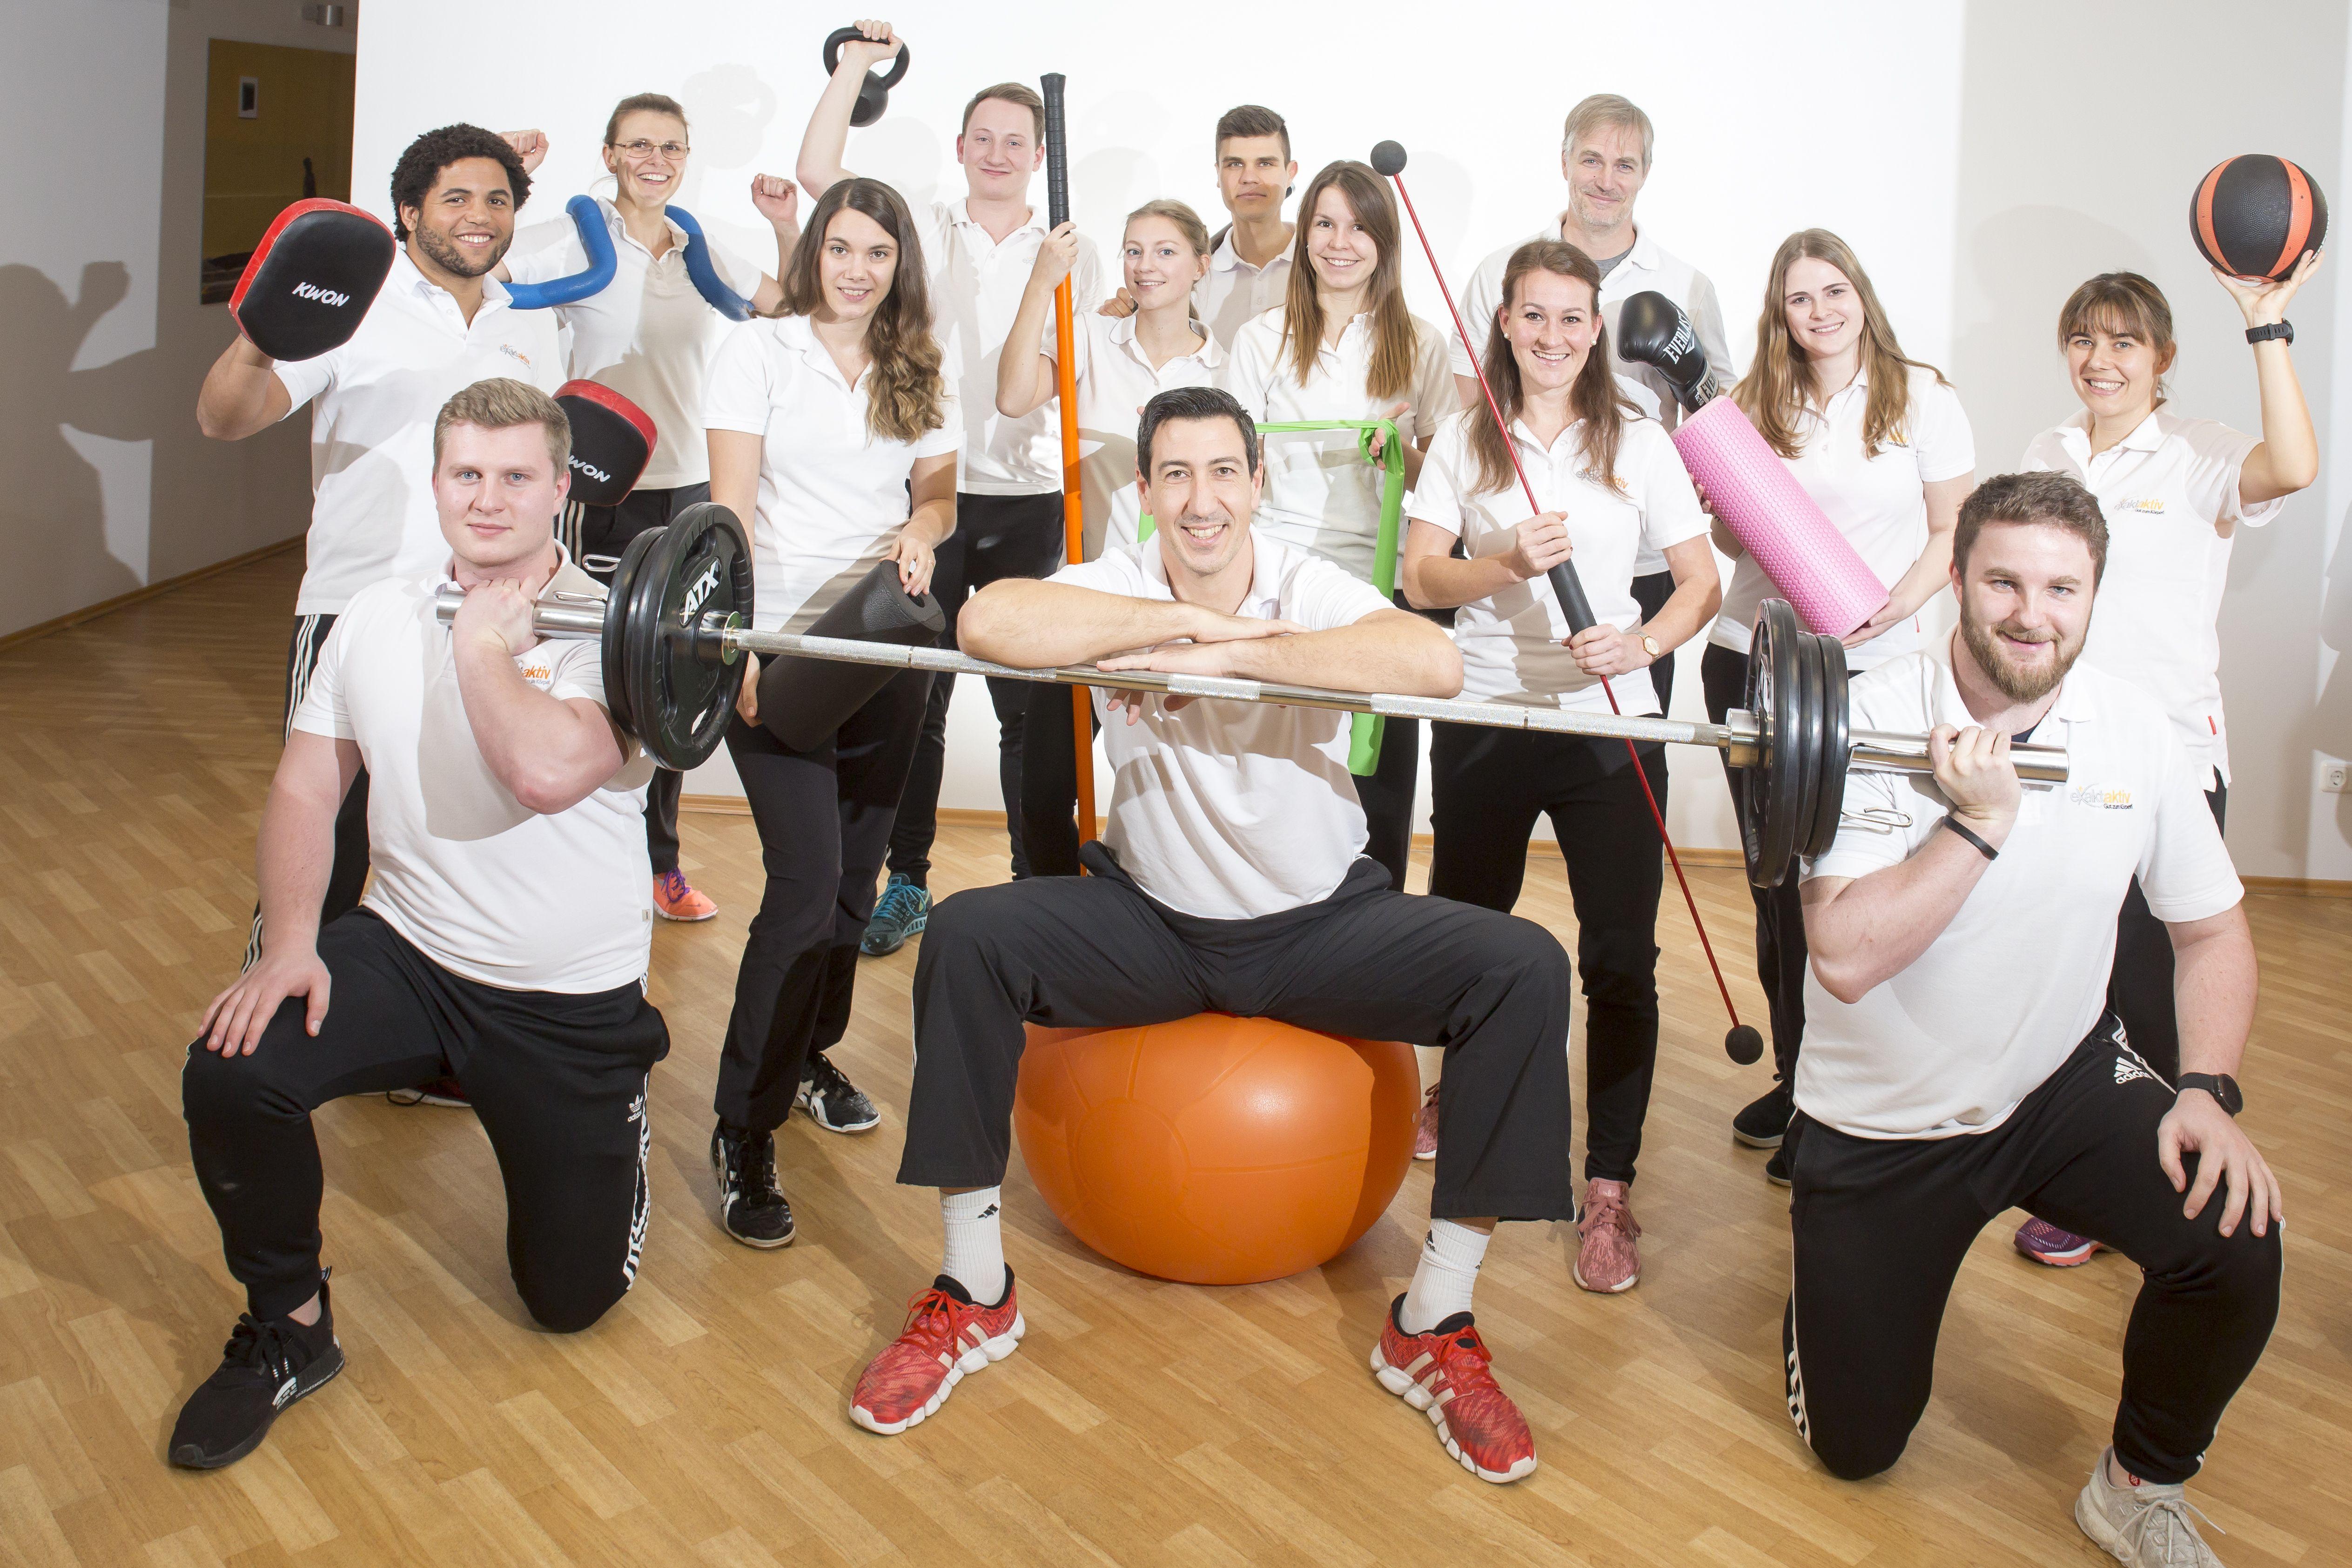 Team exaktaktiv München Praxis für Physiotherapie und Sporttherapie in München Westpark